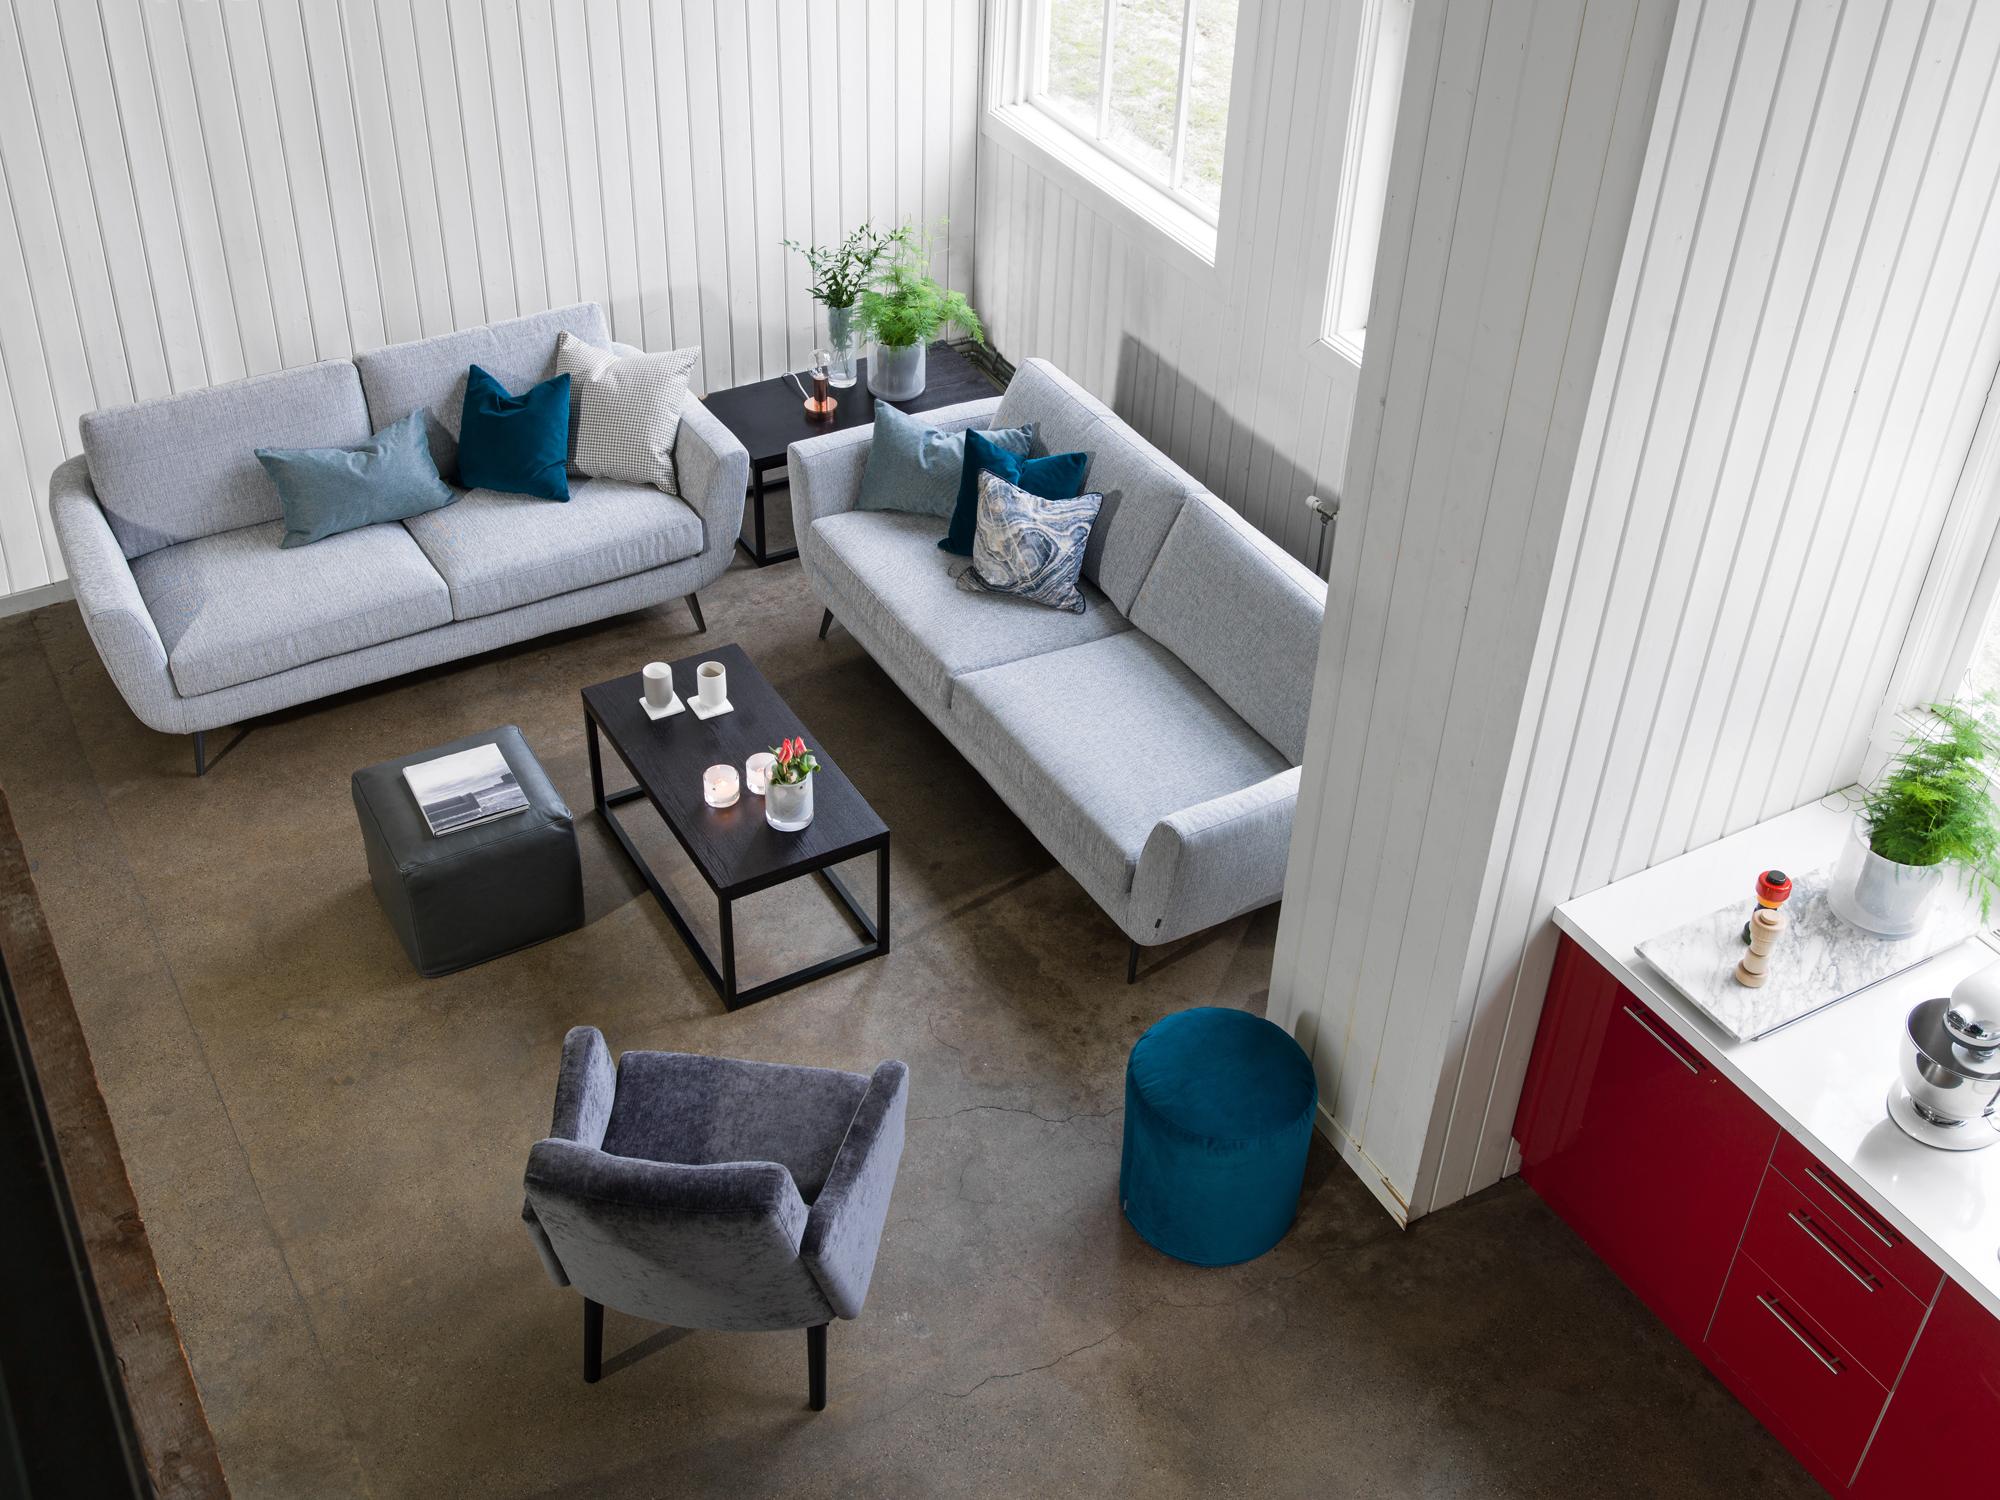 Harmaasävyisen olohuoneen sohvakalusteissa on aavistus retrohenkisyyttä  Etu